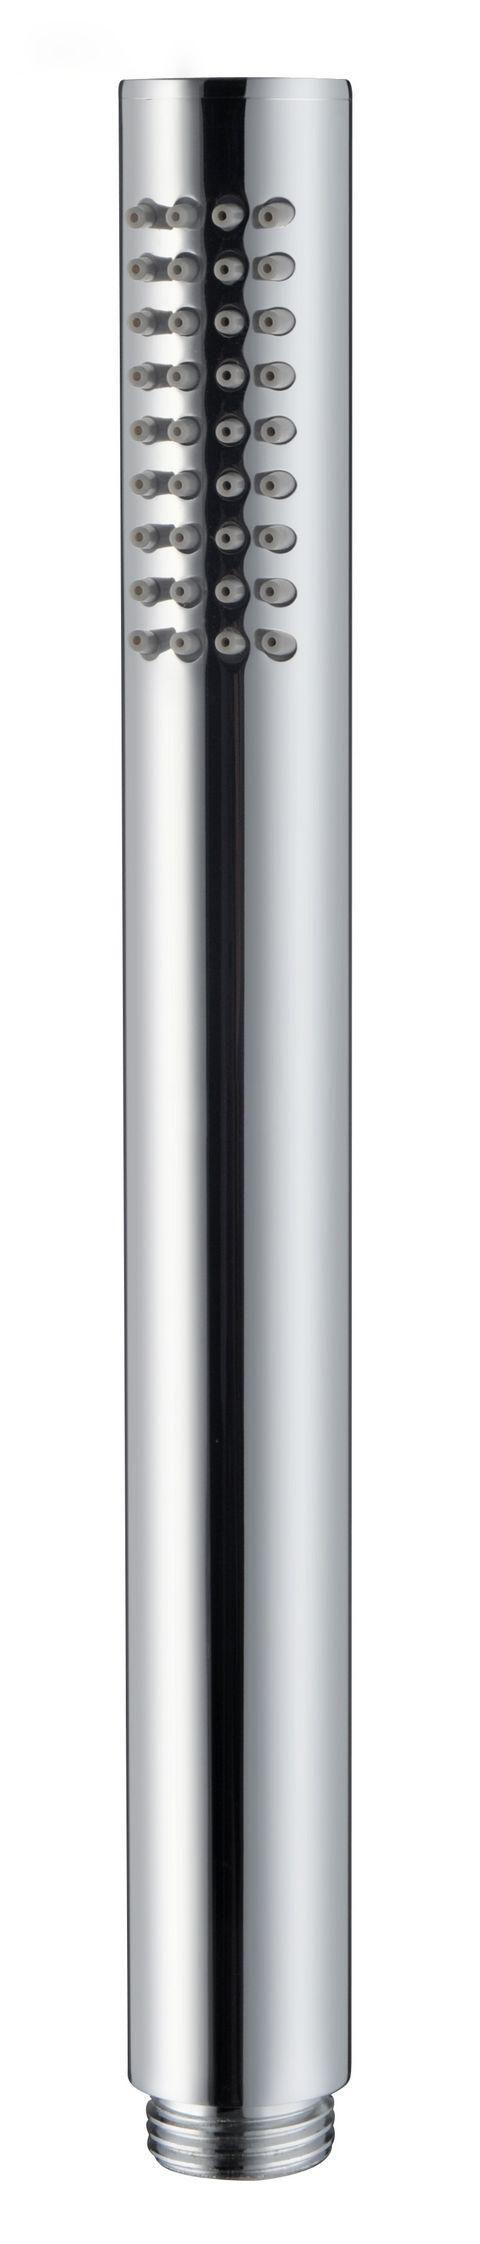 BLL latón mango Shwer cabeza cobre sólido espesar acabado batirro mezclador HSR010